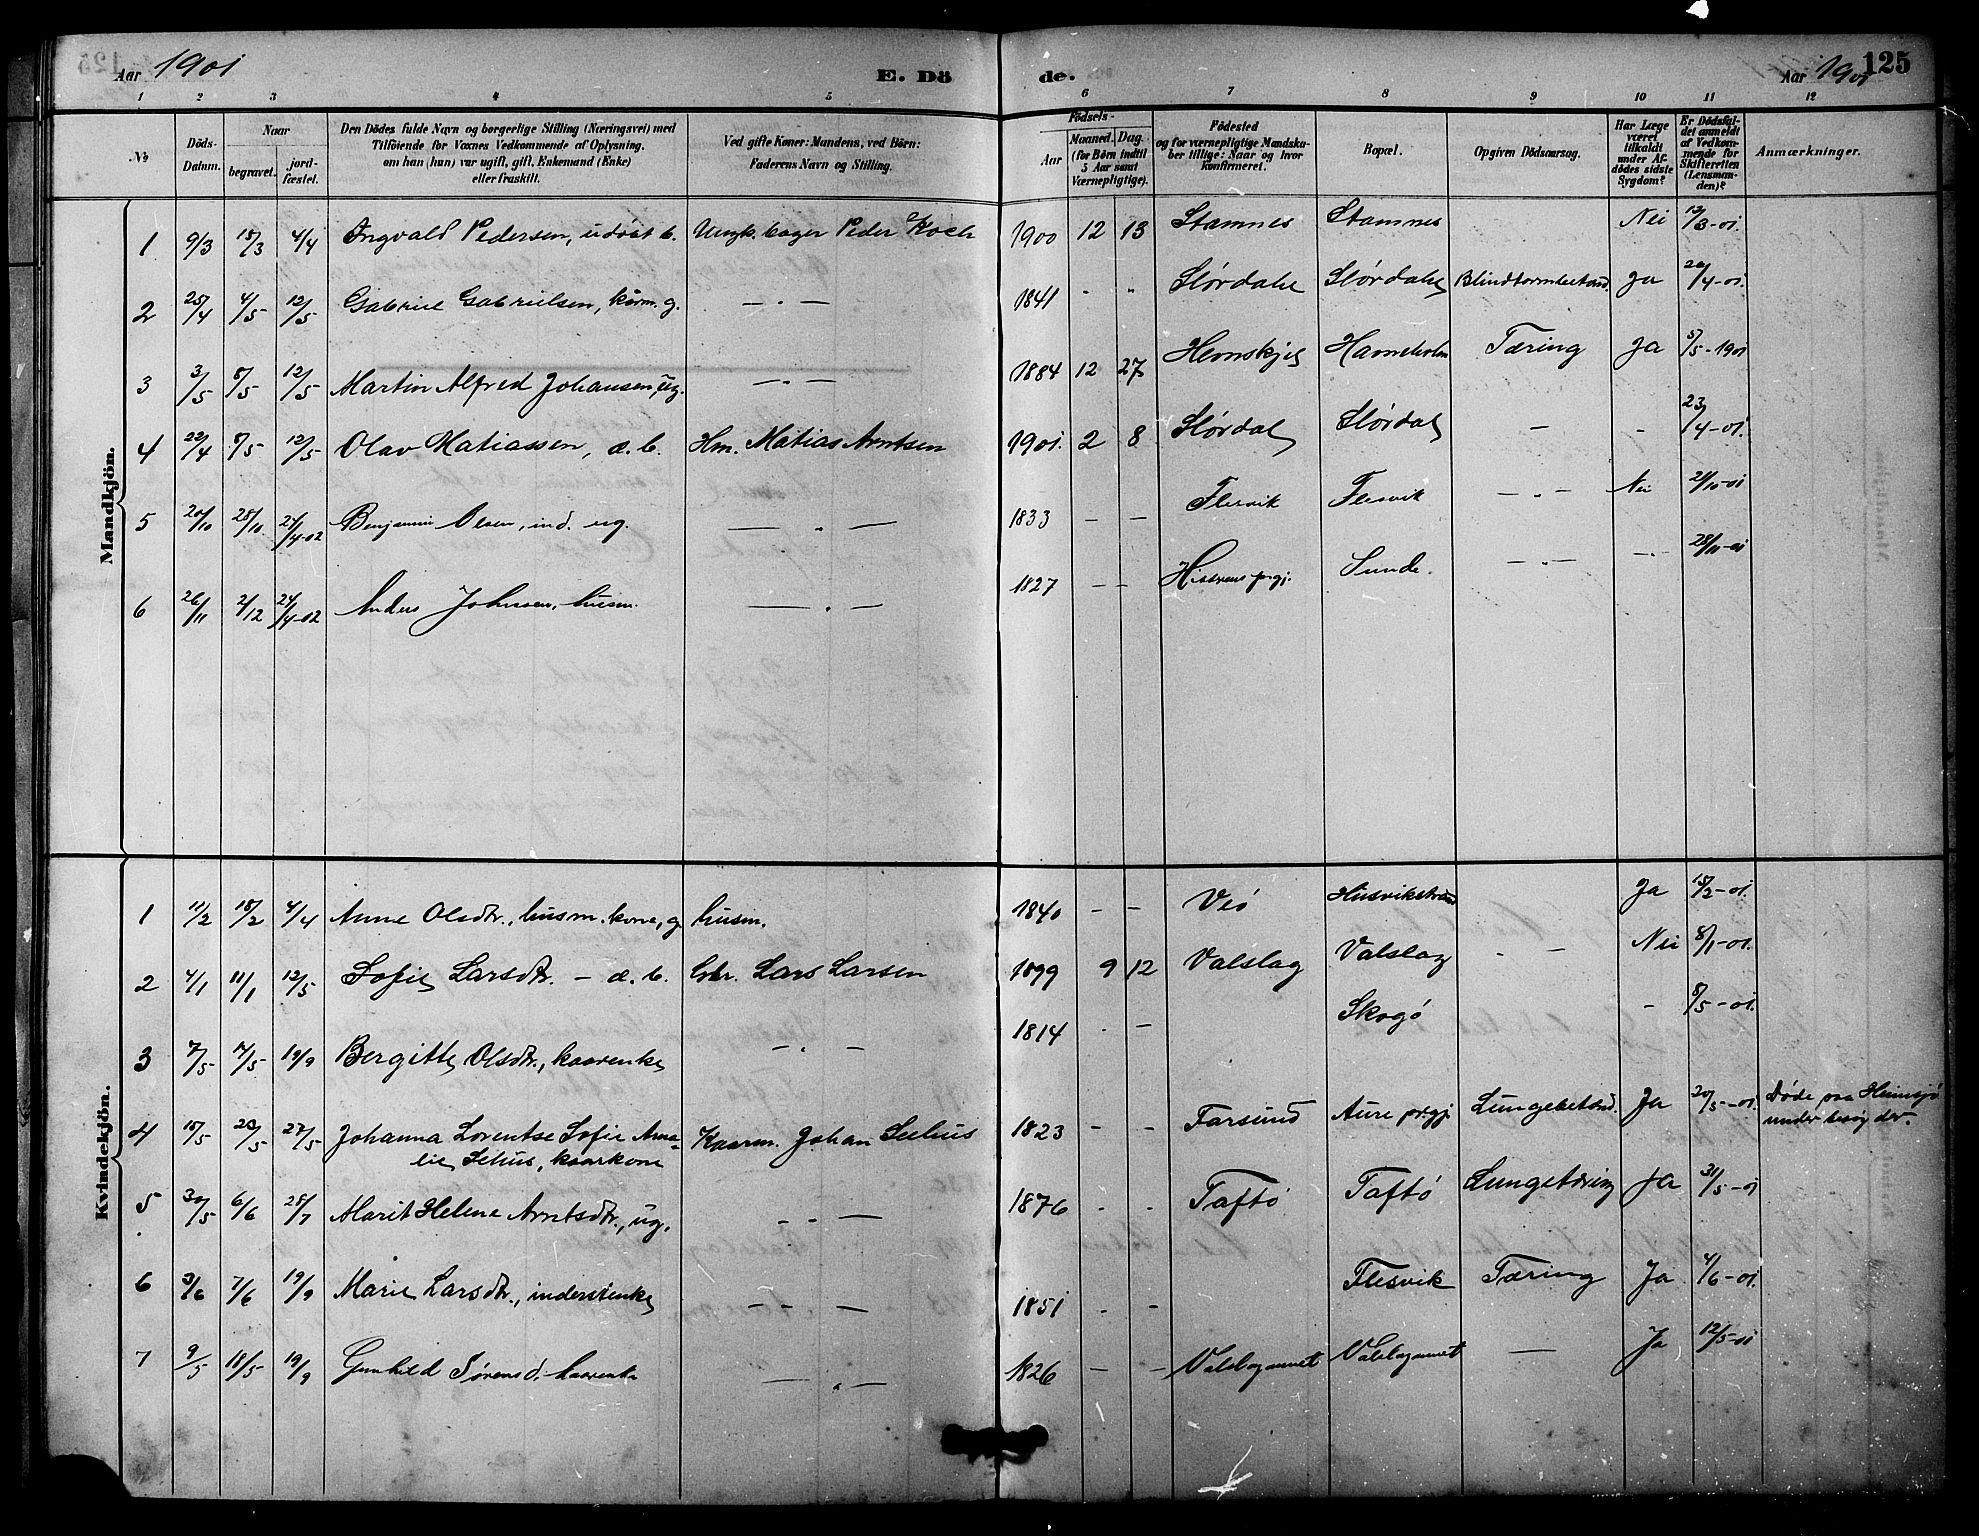 SAT, Ministerialprotokoller, klokkerbøker og fødselsregistre - Sør-Trøndelag, 633/L0519: Klokkerbok nr. 633C01, 1884-1905, s. 125